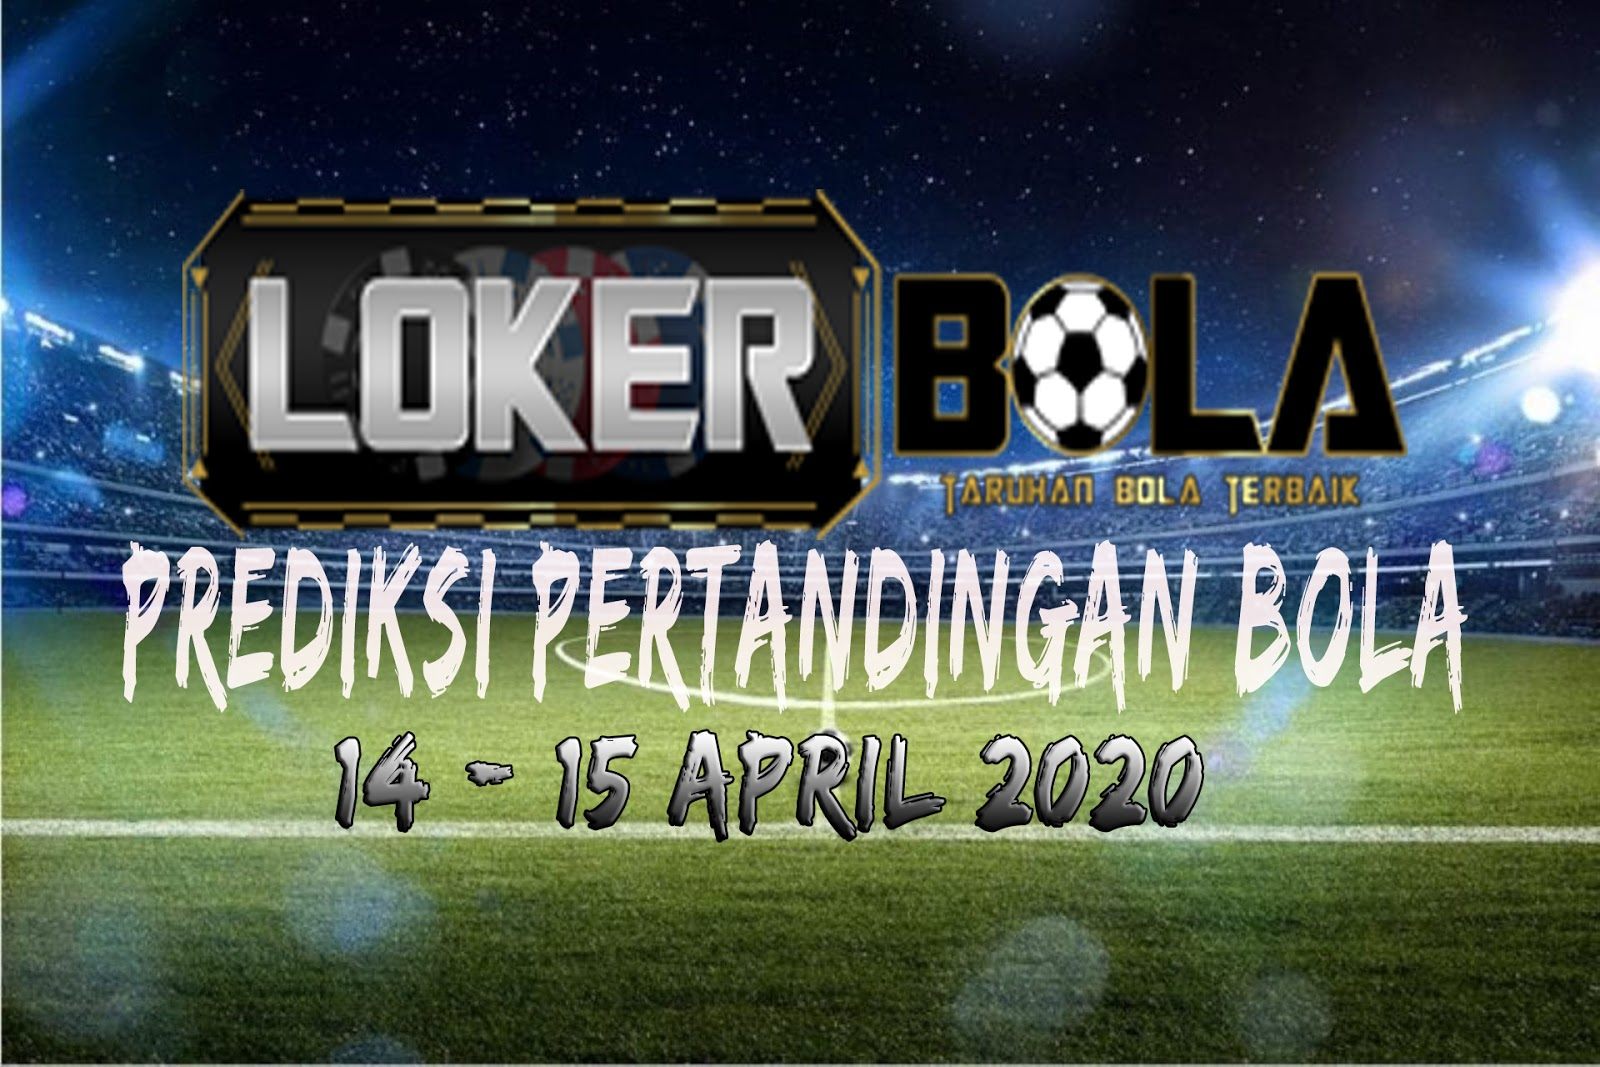 PREDIKSI PERTANDINGAN BOLA 14 – 15 APRIL 2020